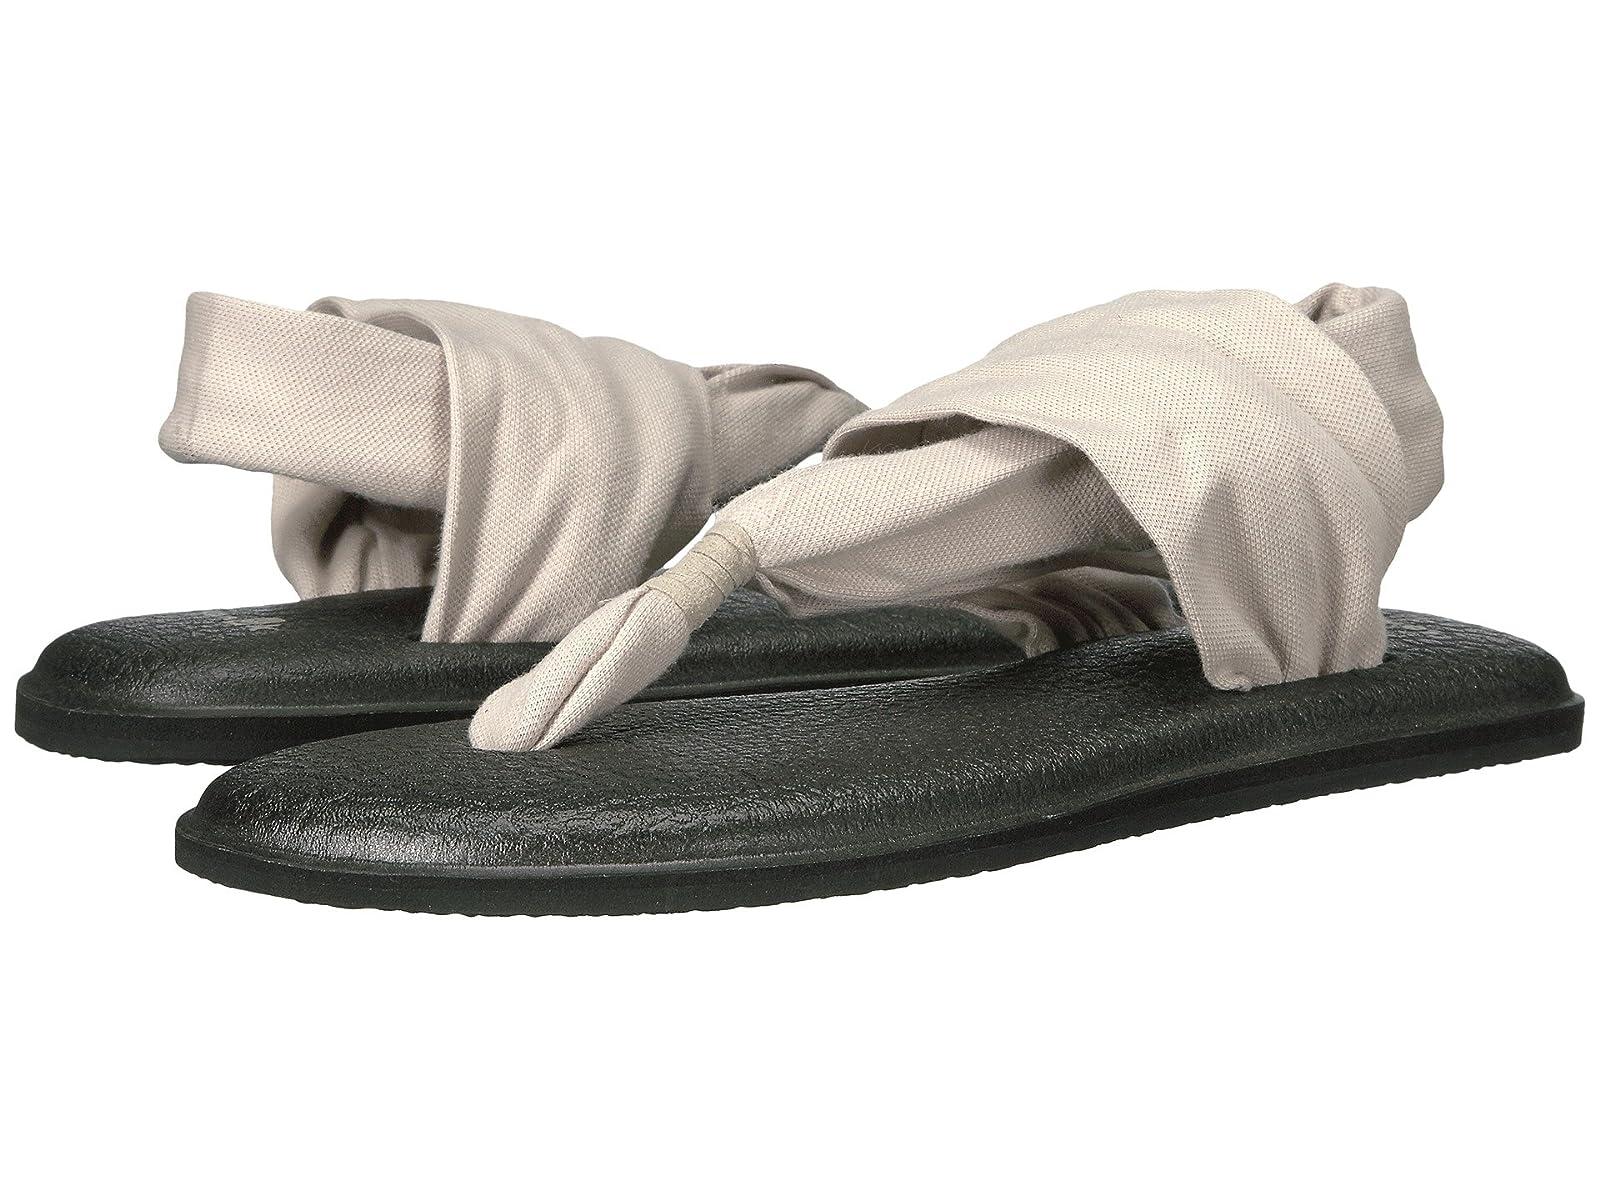 Sanuk Yoga Sling 2Atmospheric grades have affordable shoes